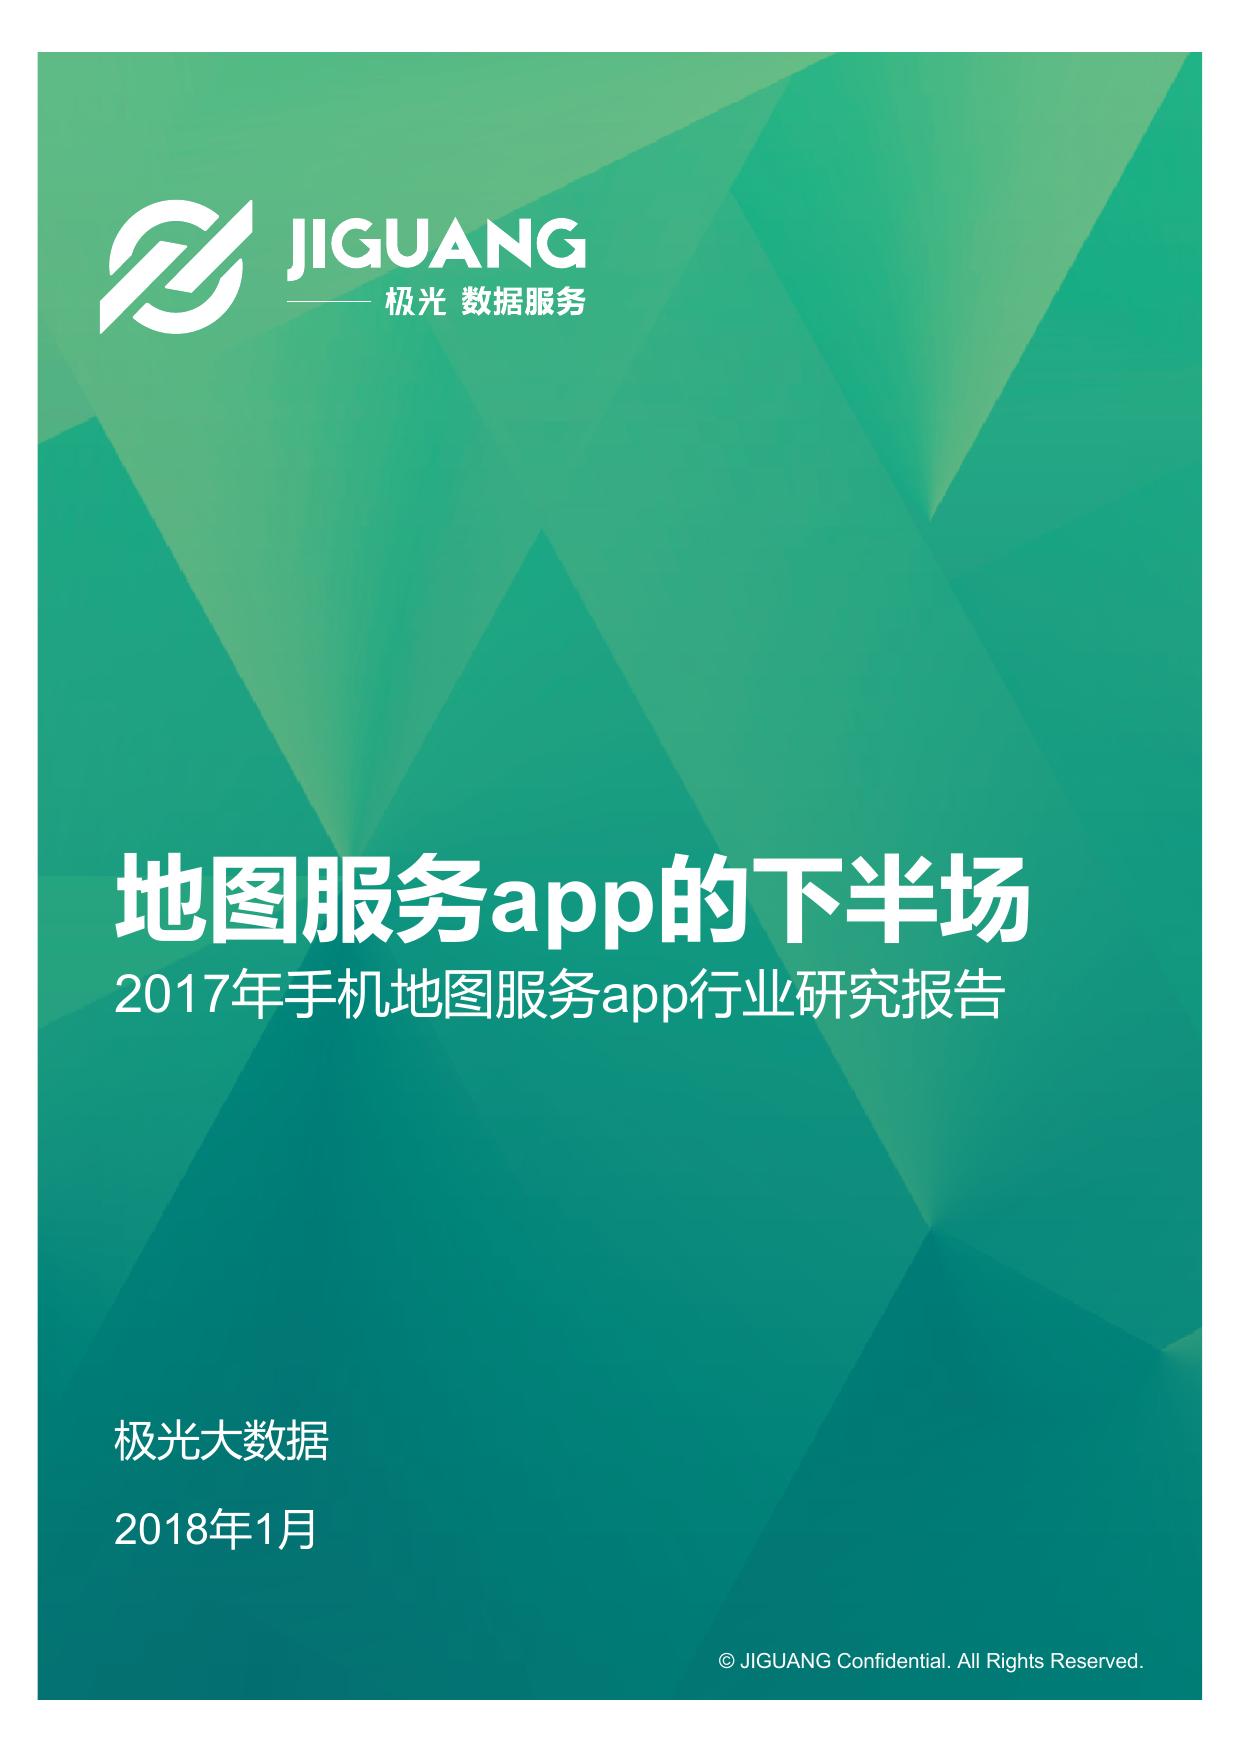 极光大数据:2017年手机地图服务app行业研究报告(附下载)